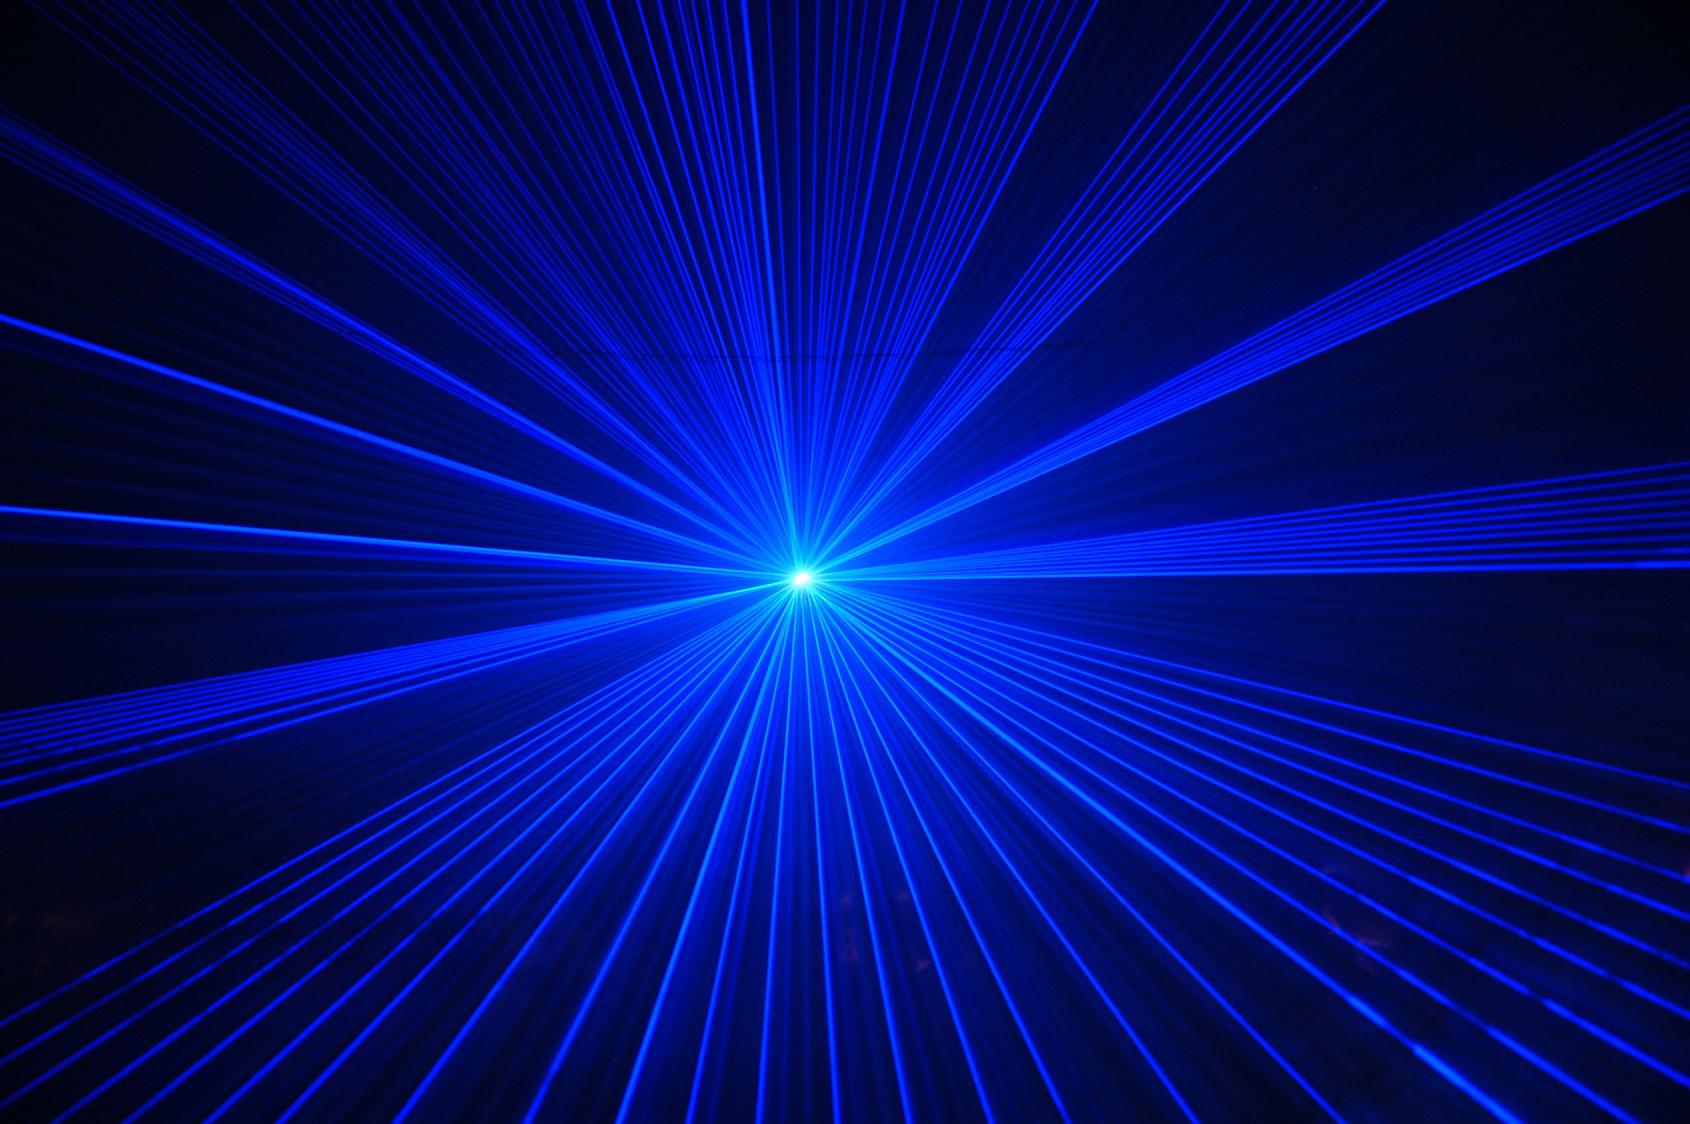 HQ Laser Wallpapers | File 1297.86Kb